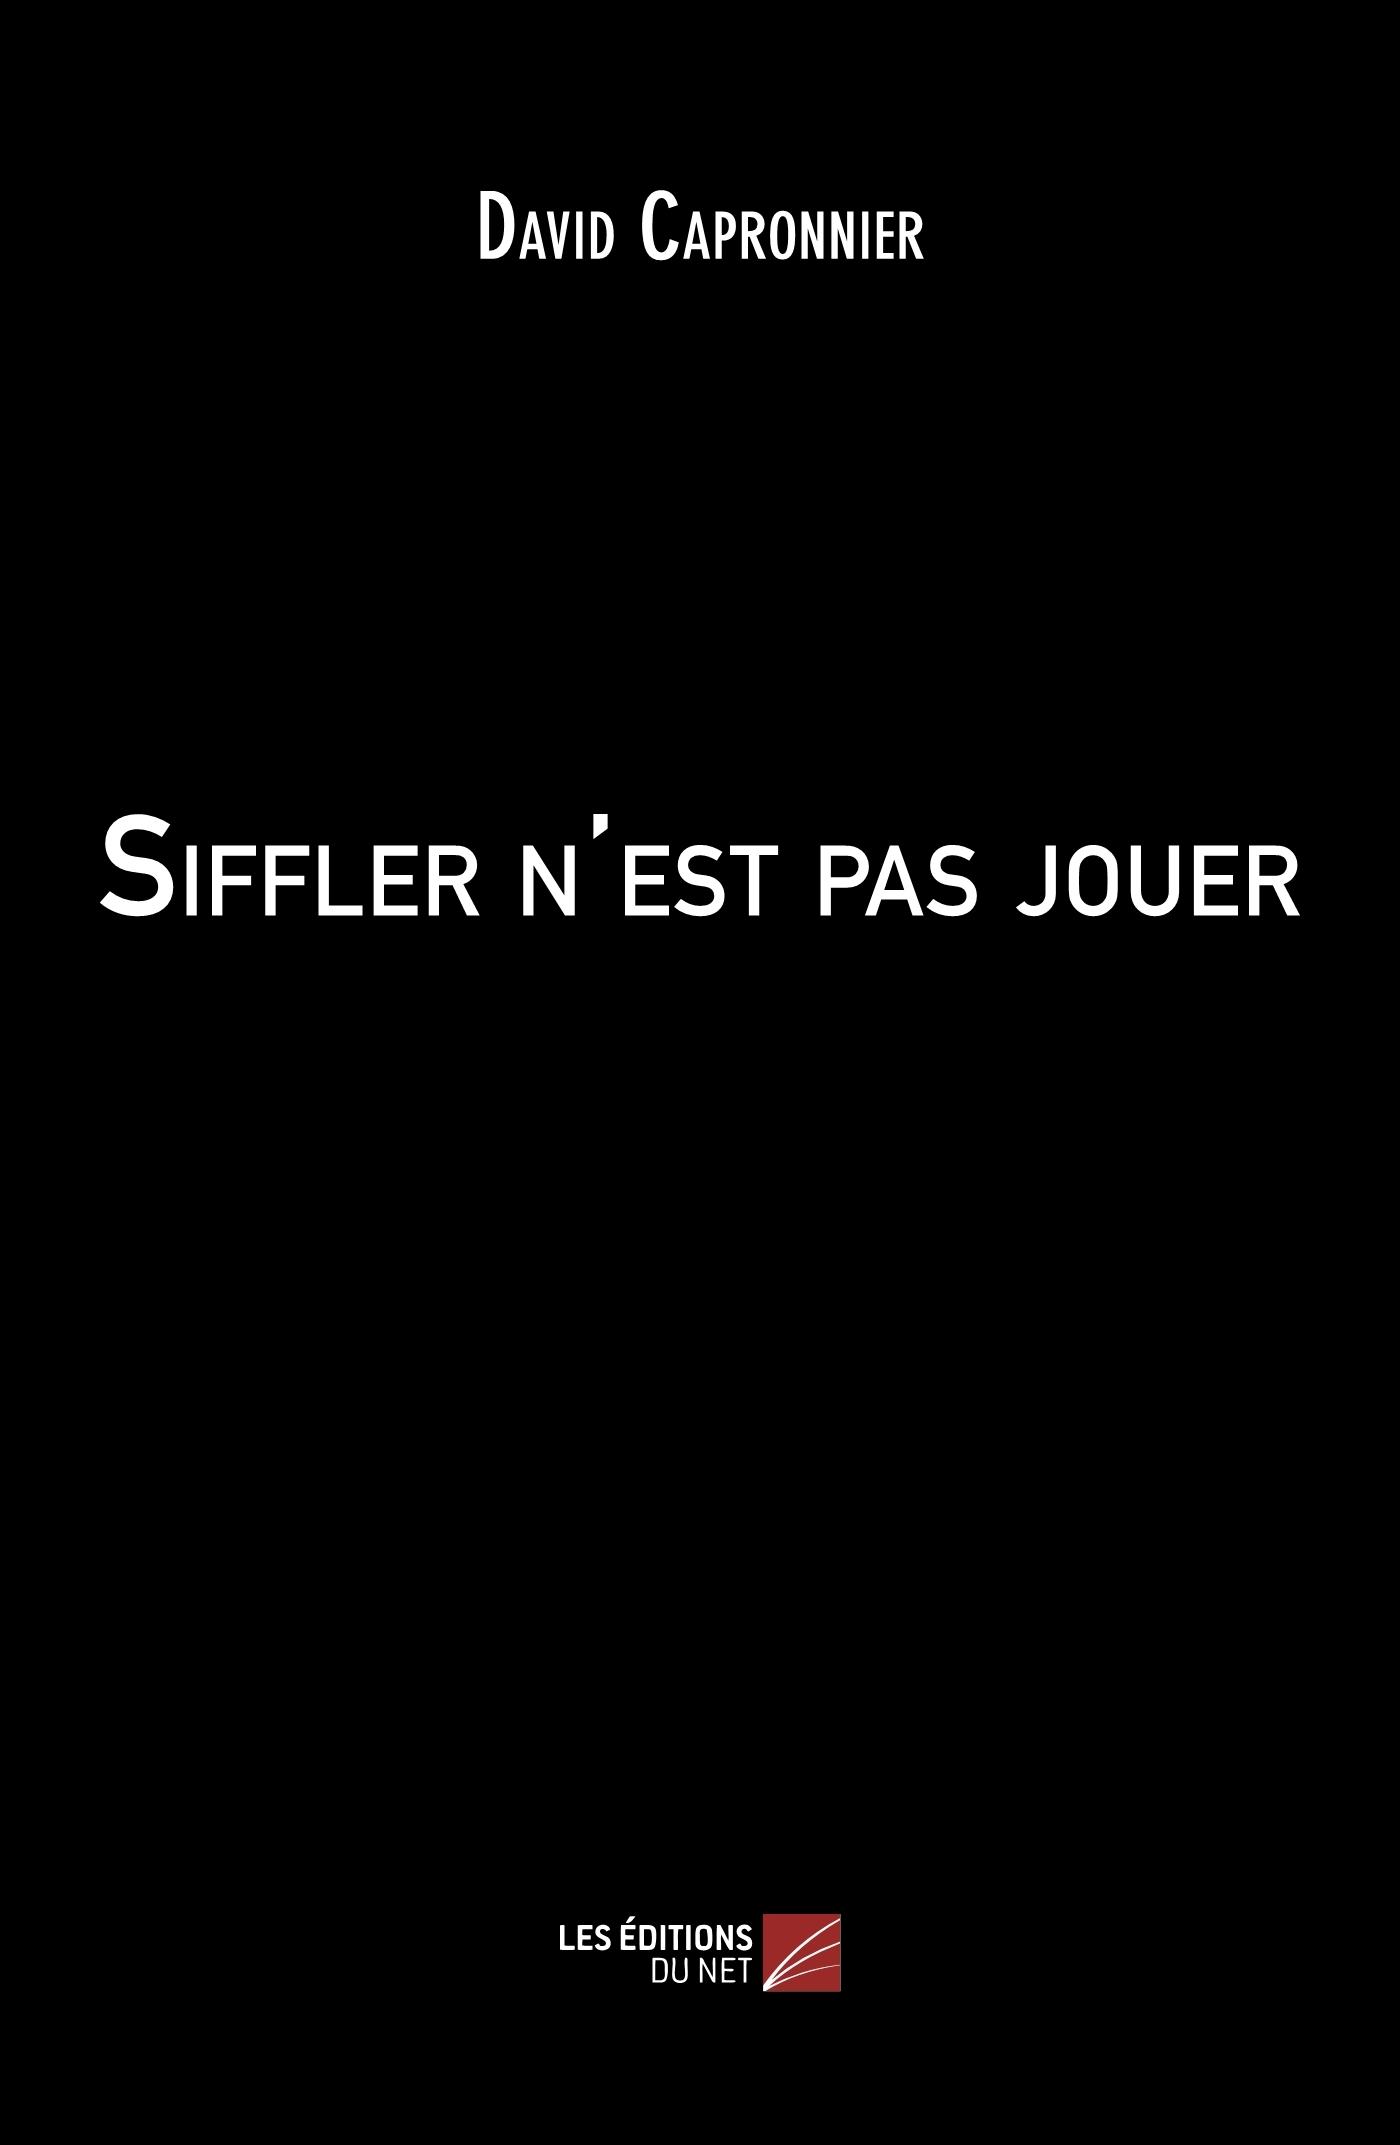 SIFFLER N'EST PAS JOUER